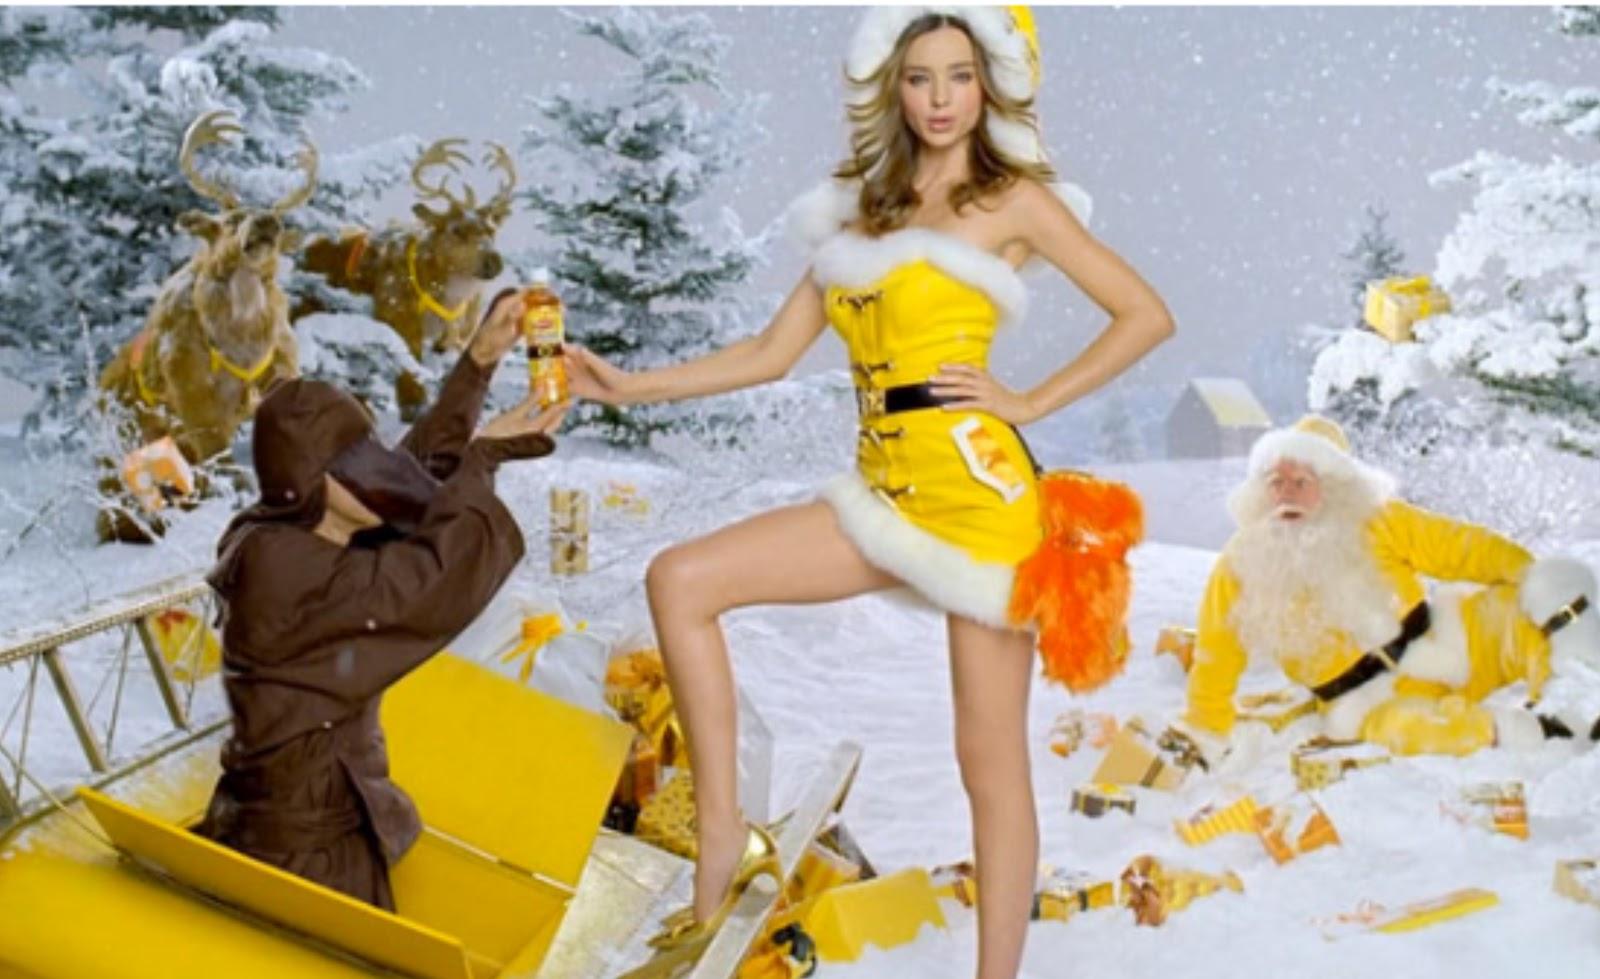 http://4.bp.blogspot.com/-00CfAhmDYkU/UDtuLJrP90I/AAAAAAAAG3A/D44Lg3N8szg/s1600/miranda+kerr+-+yellow+santa+03.jpg